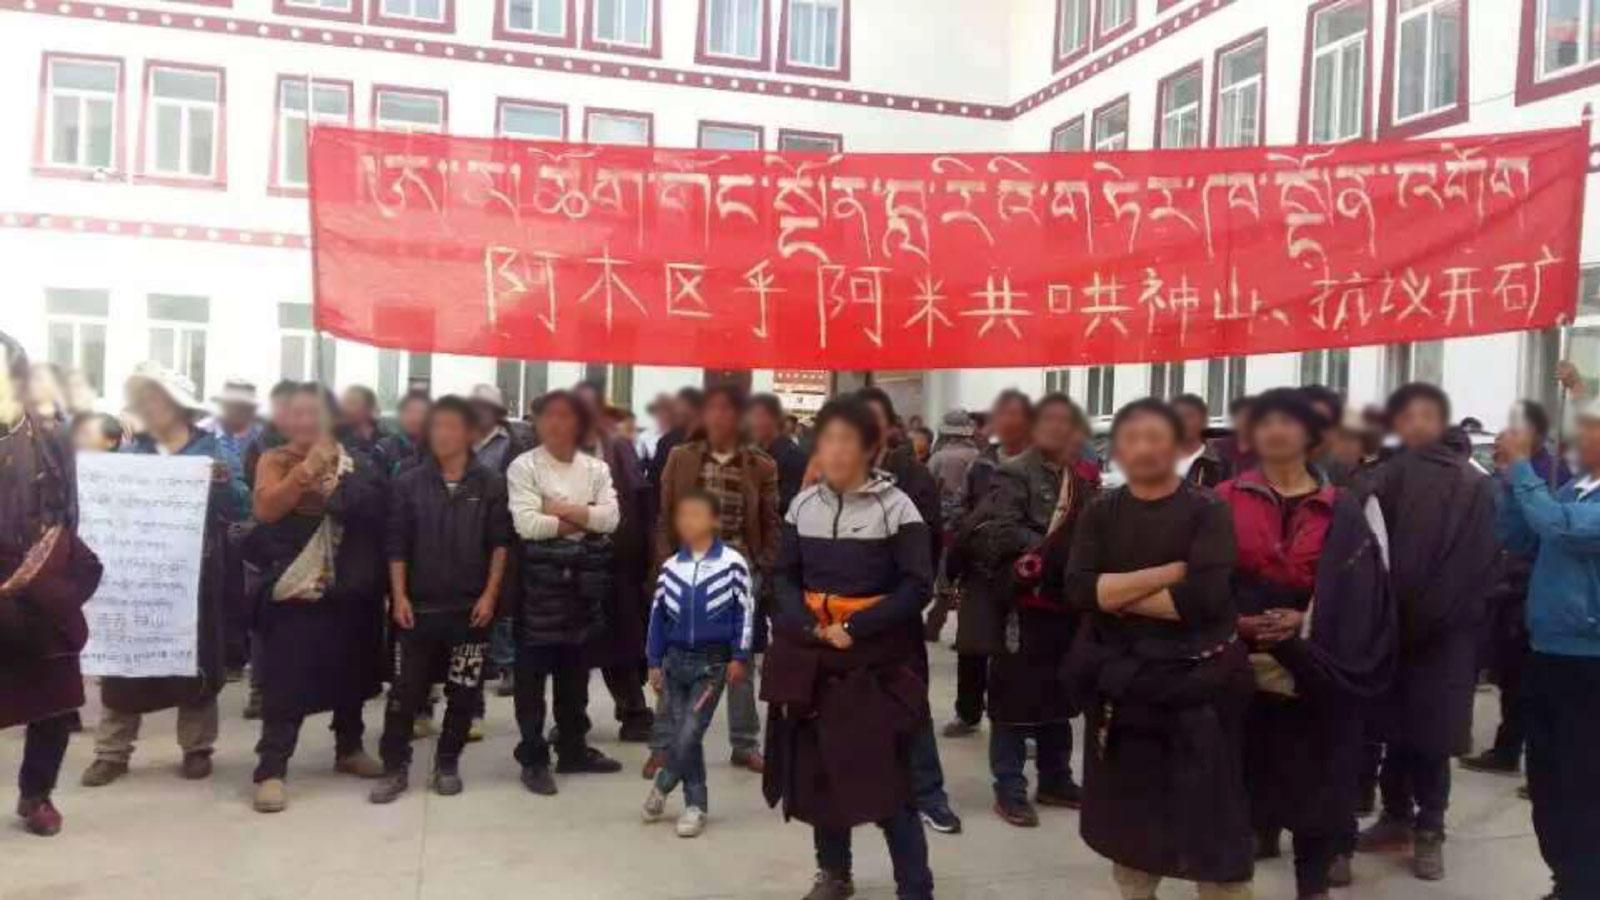 Tibetan demonstrators